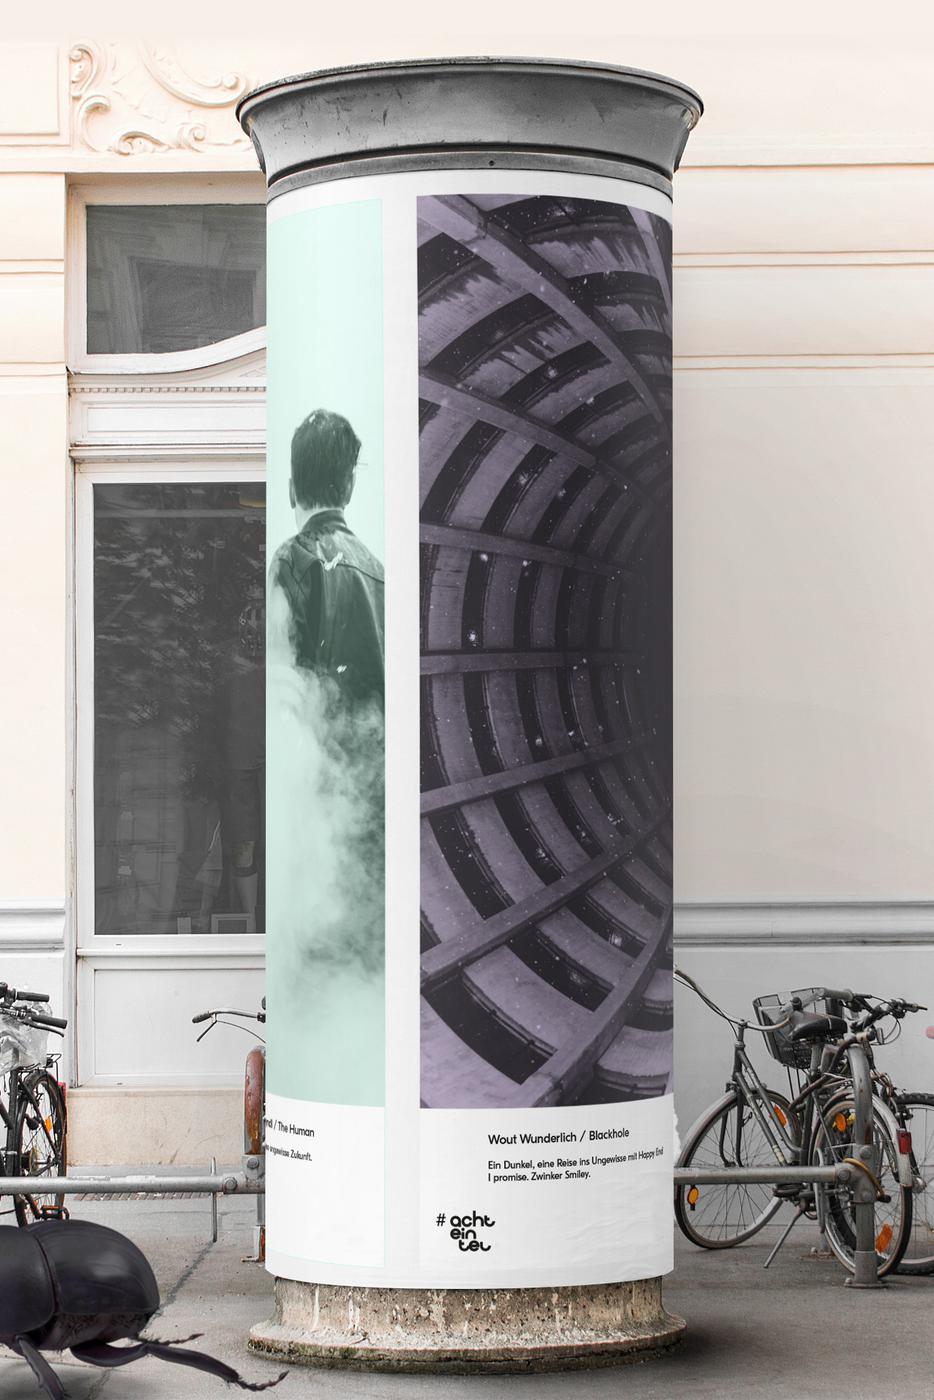 """So könnte das """"LitfassMuseum"""" aussehen: Hochformatige Kunstplakate im öffentlichen Raum, gestaltet von Künstlern aus der Region und finanziert von der Gemeinschaft."""